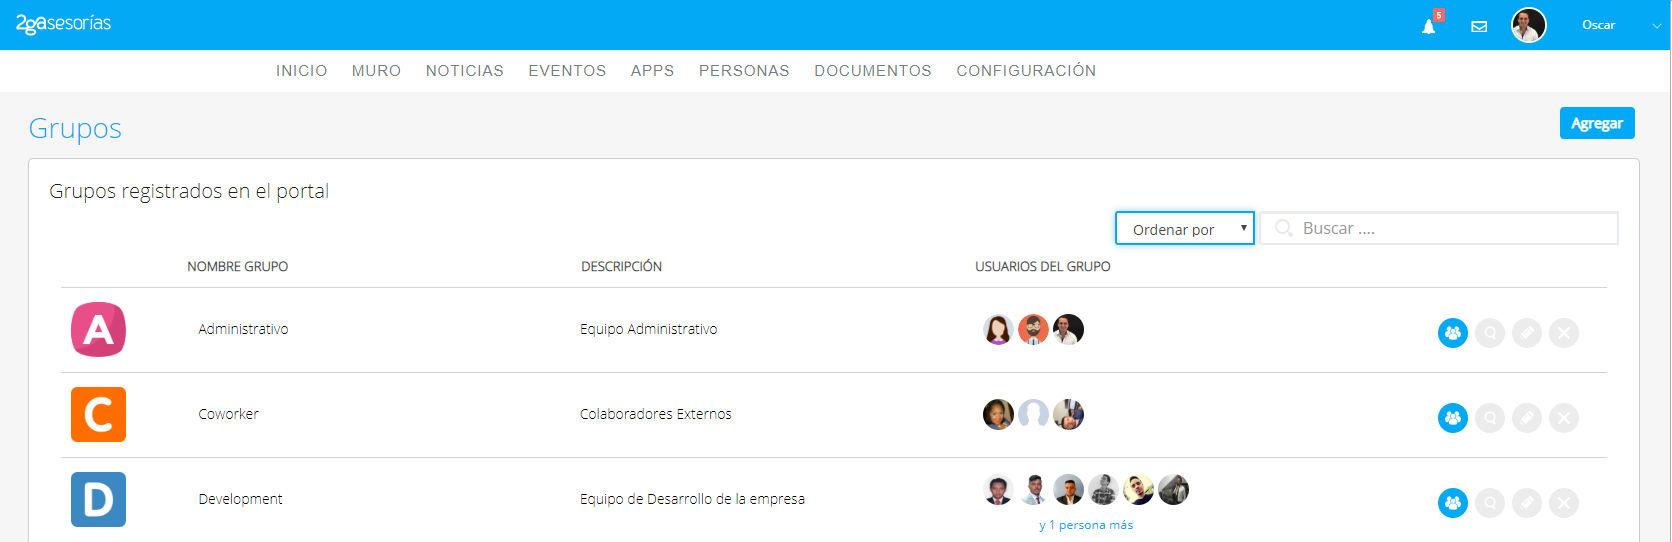 Portales empresariales - grupos de usuarios